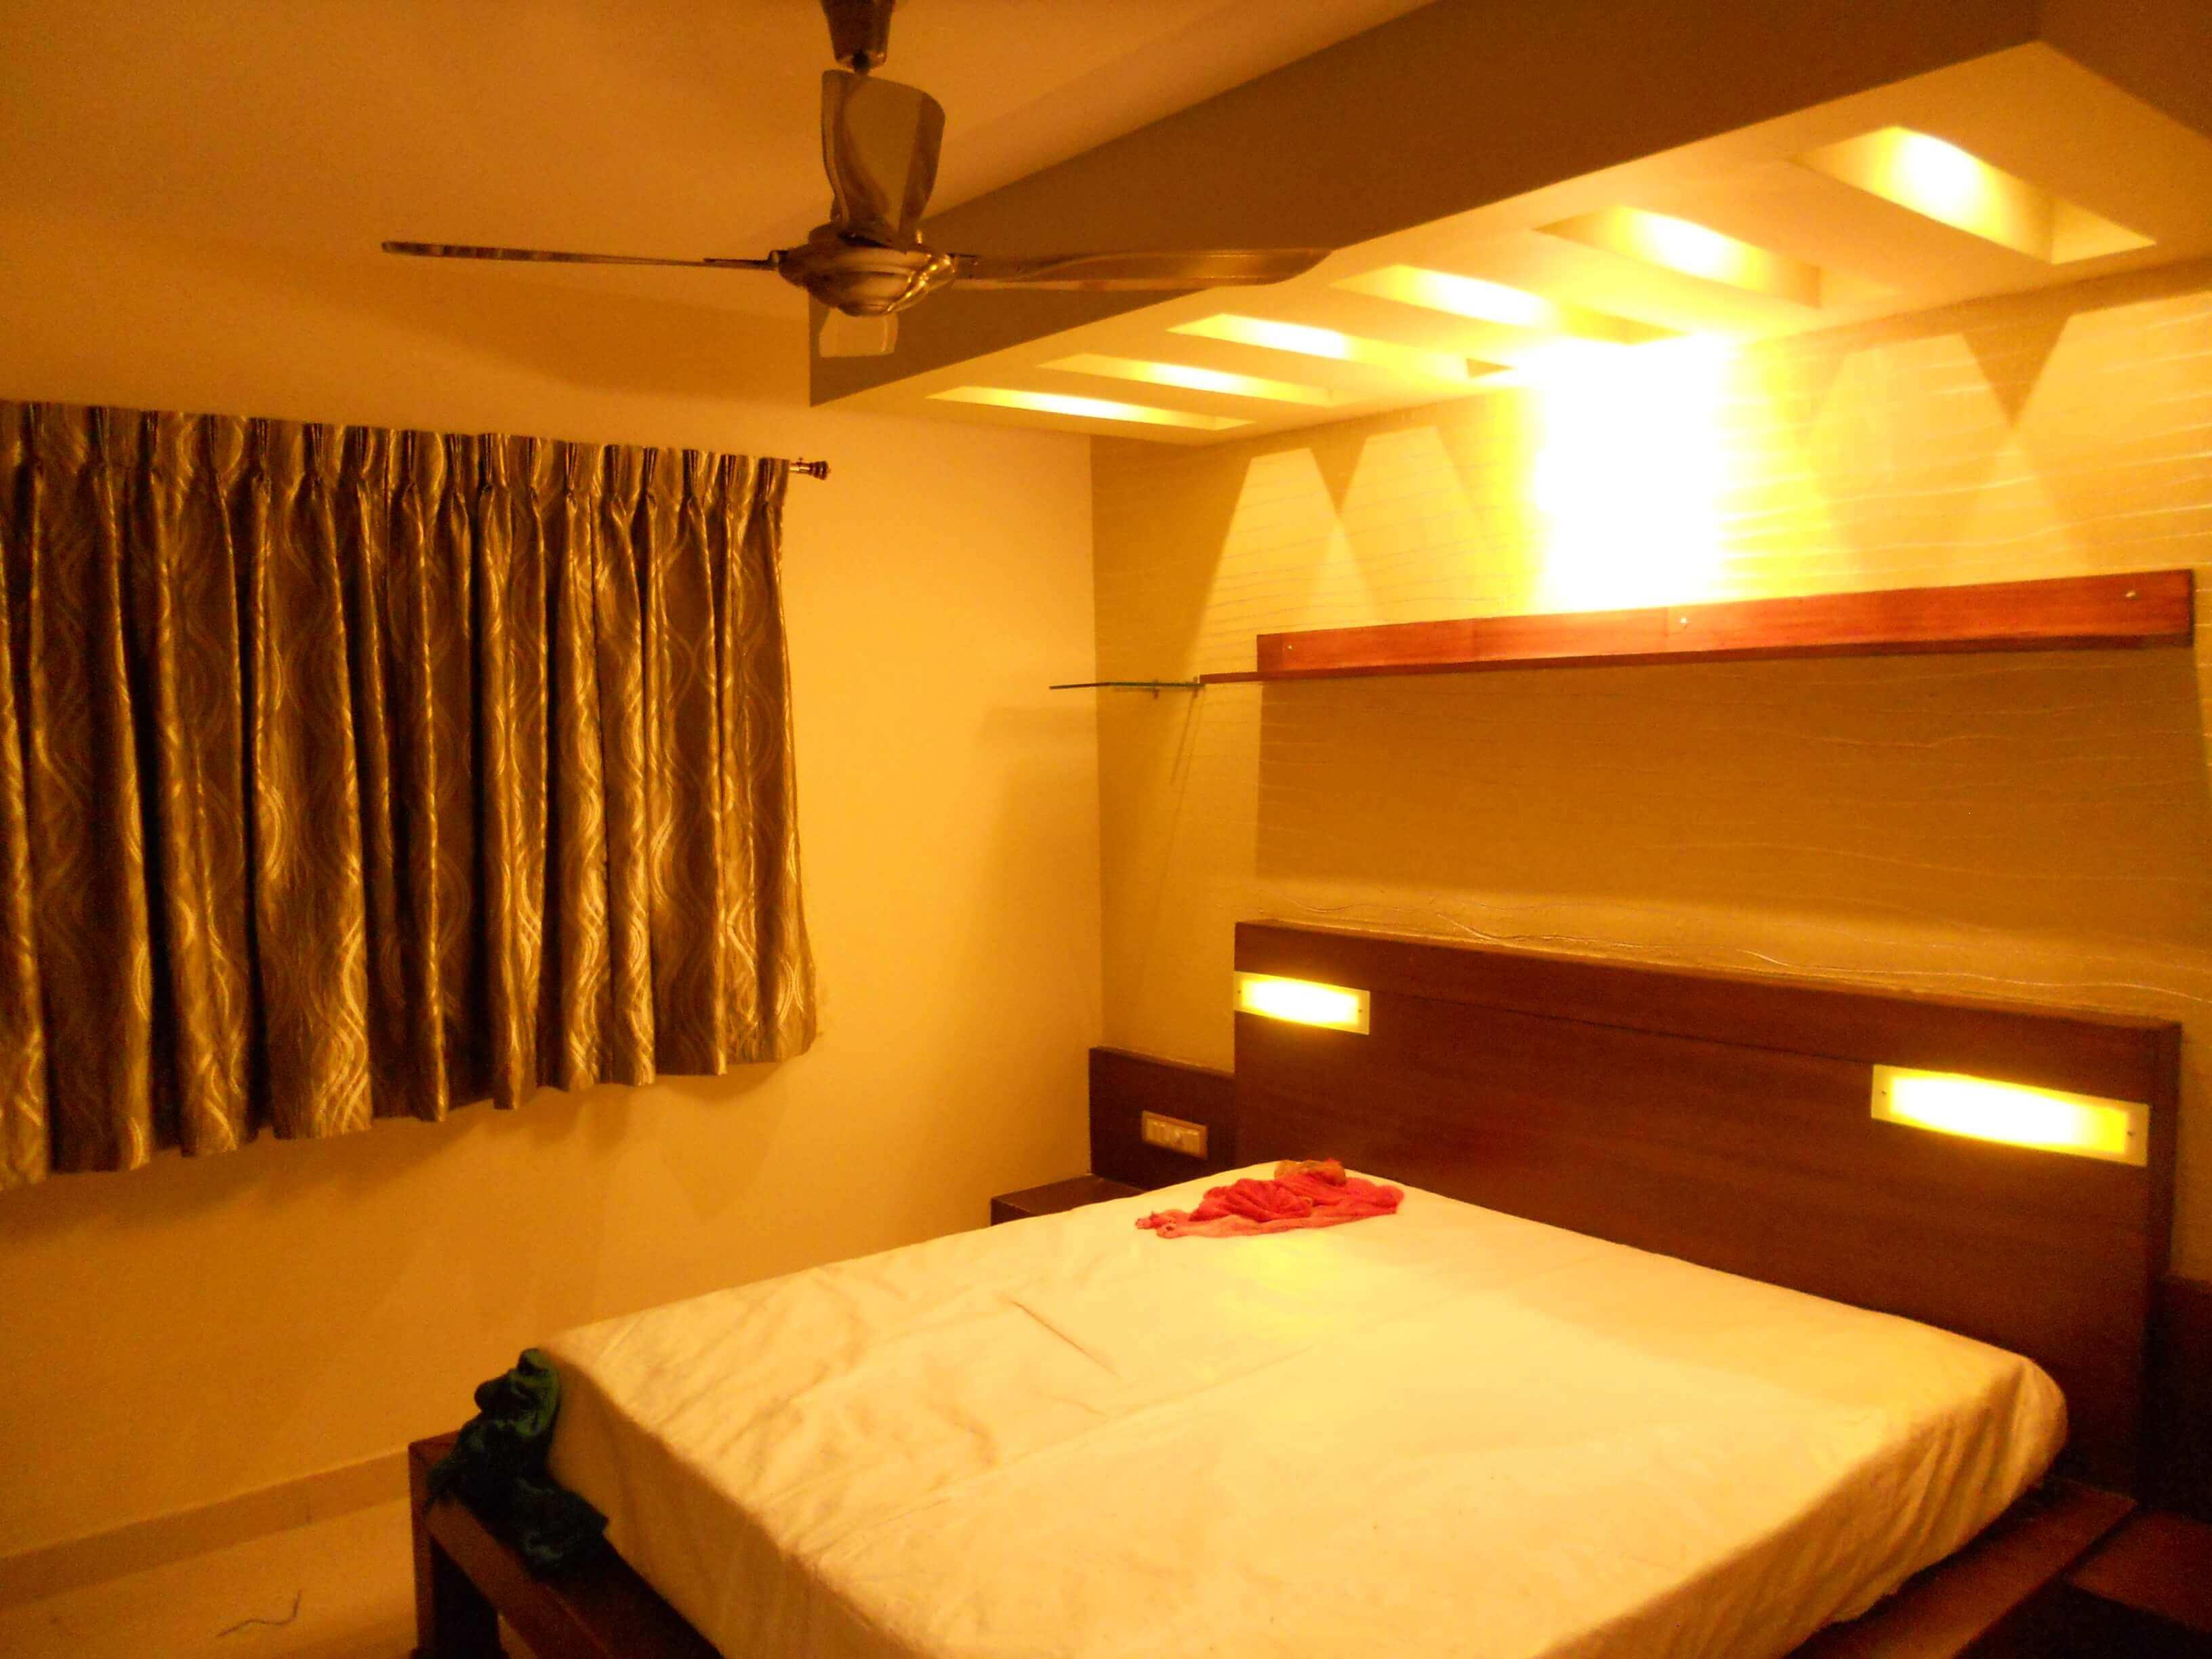 Best Residential Interior Designers & Decorators in Bangalore